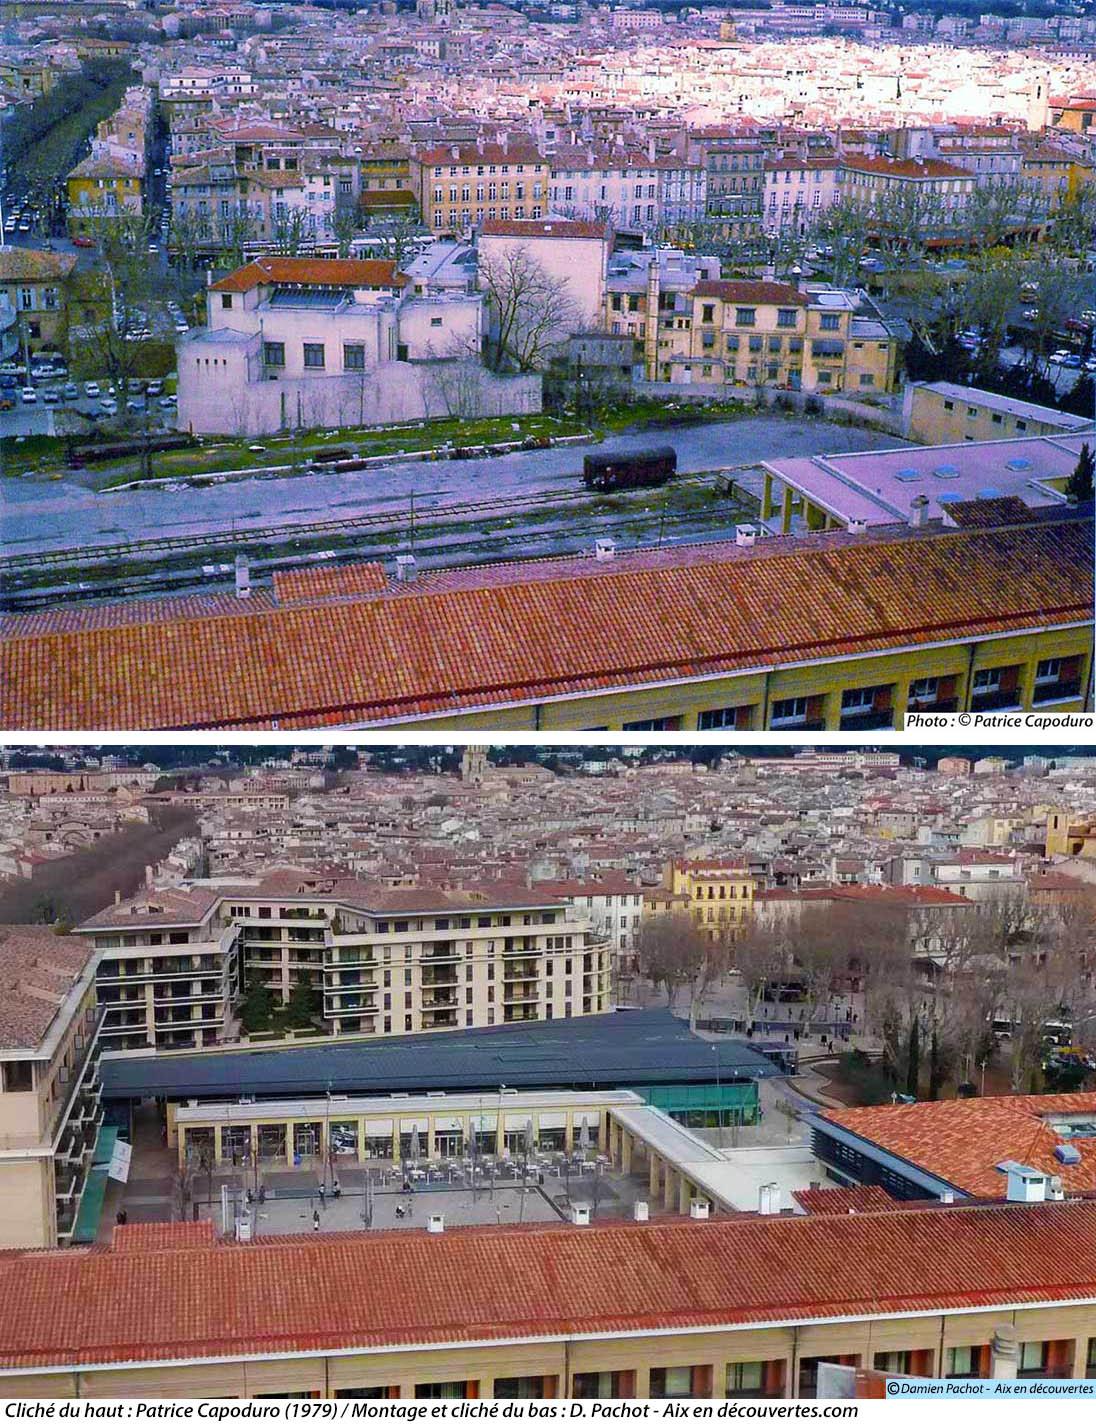 casino-et-gare-des-marchandises-aix-montage-1979-de-nos-jours-p-capoduro